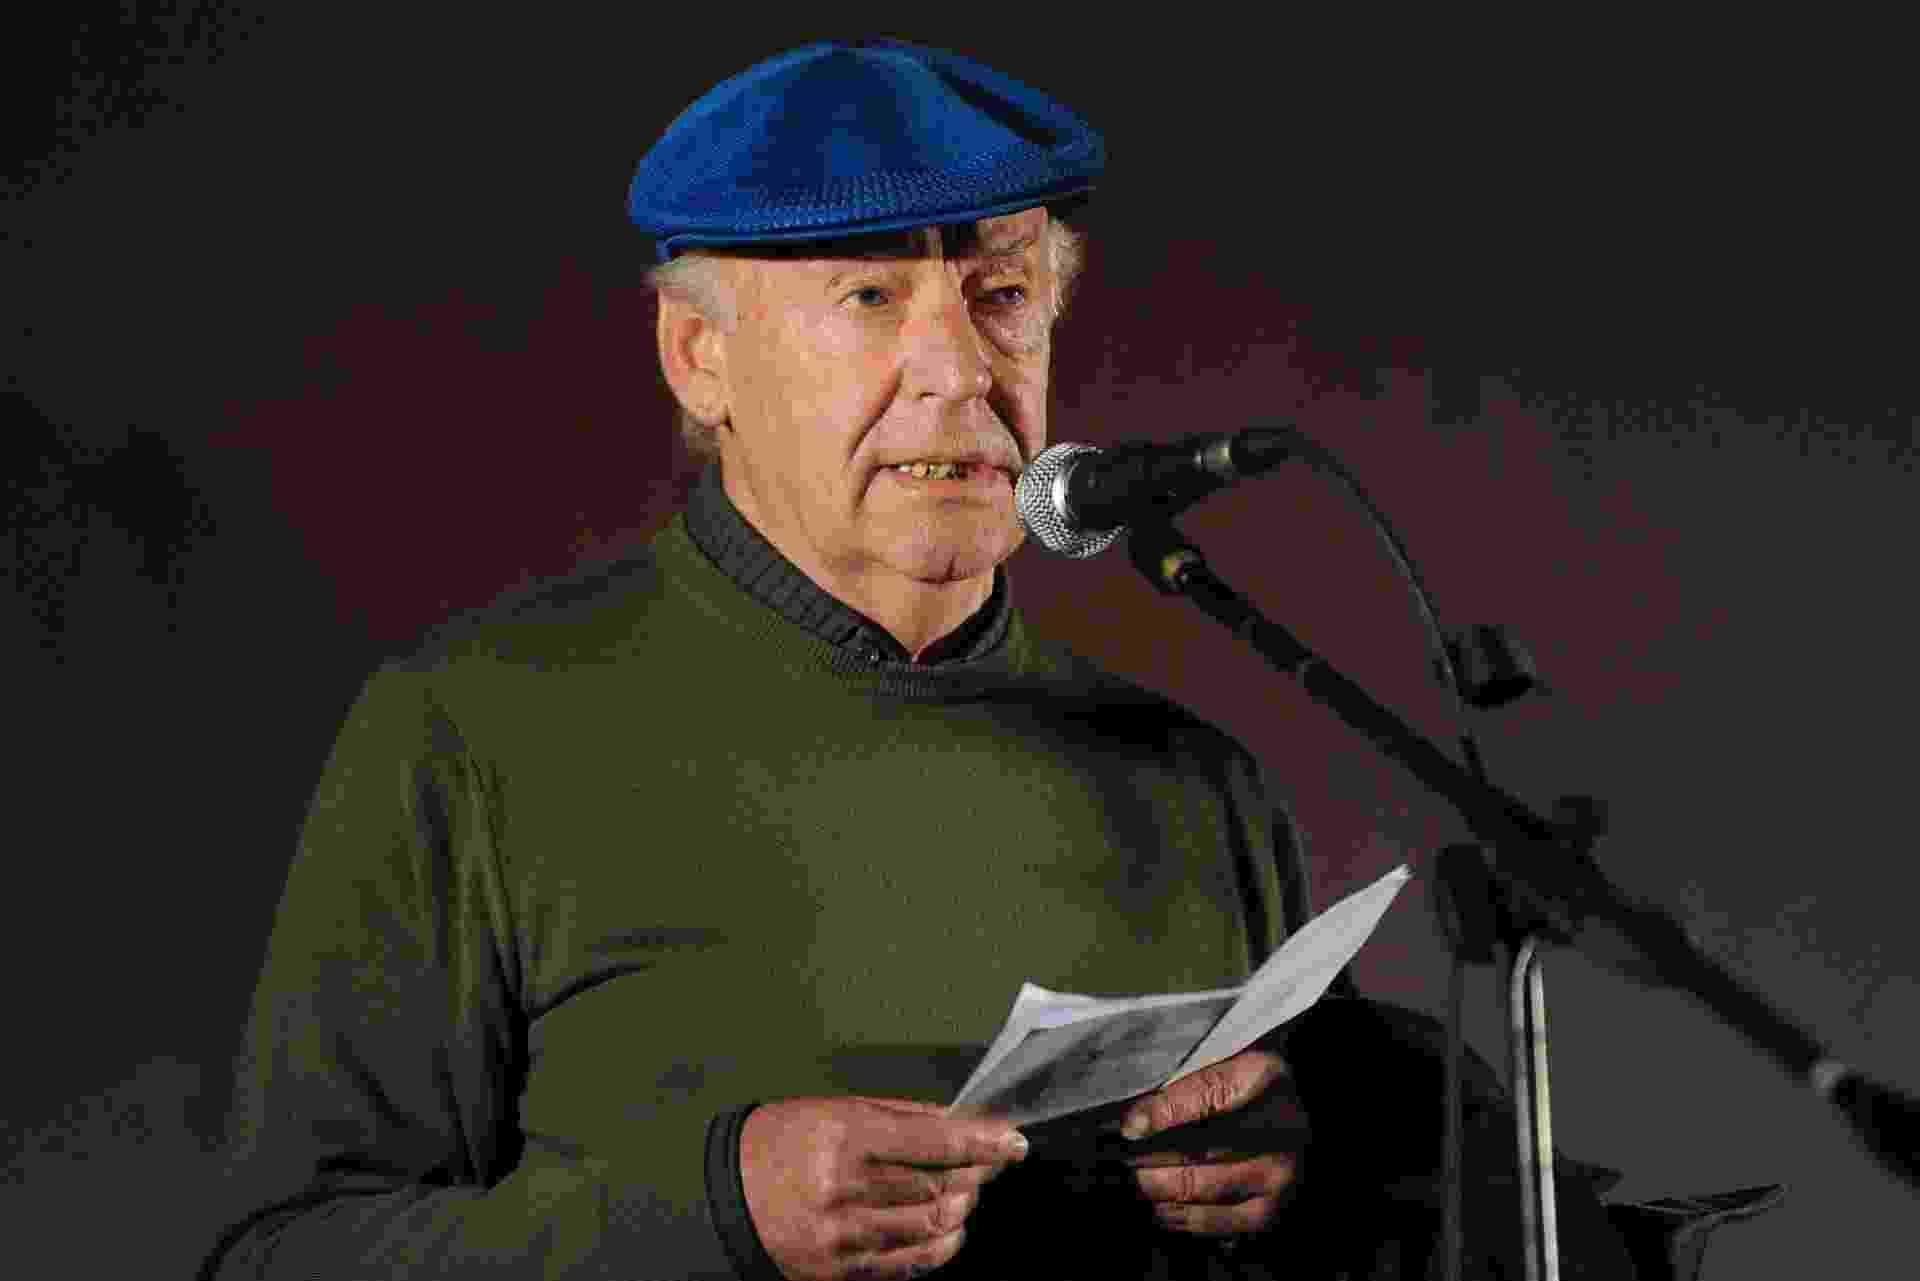 20.out.2009 - Em Montevidéu, Eduardo Galeano fala durante marcha de apoio ao referendo para revogar a lei de anistia que impediu o julgamento de crimes cometidos pelo regime militar no Uruguai - Pablo Porciuncula/AFP Photo